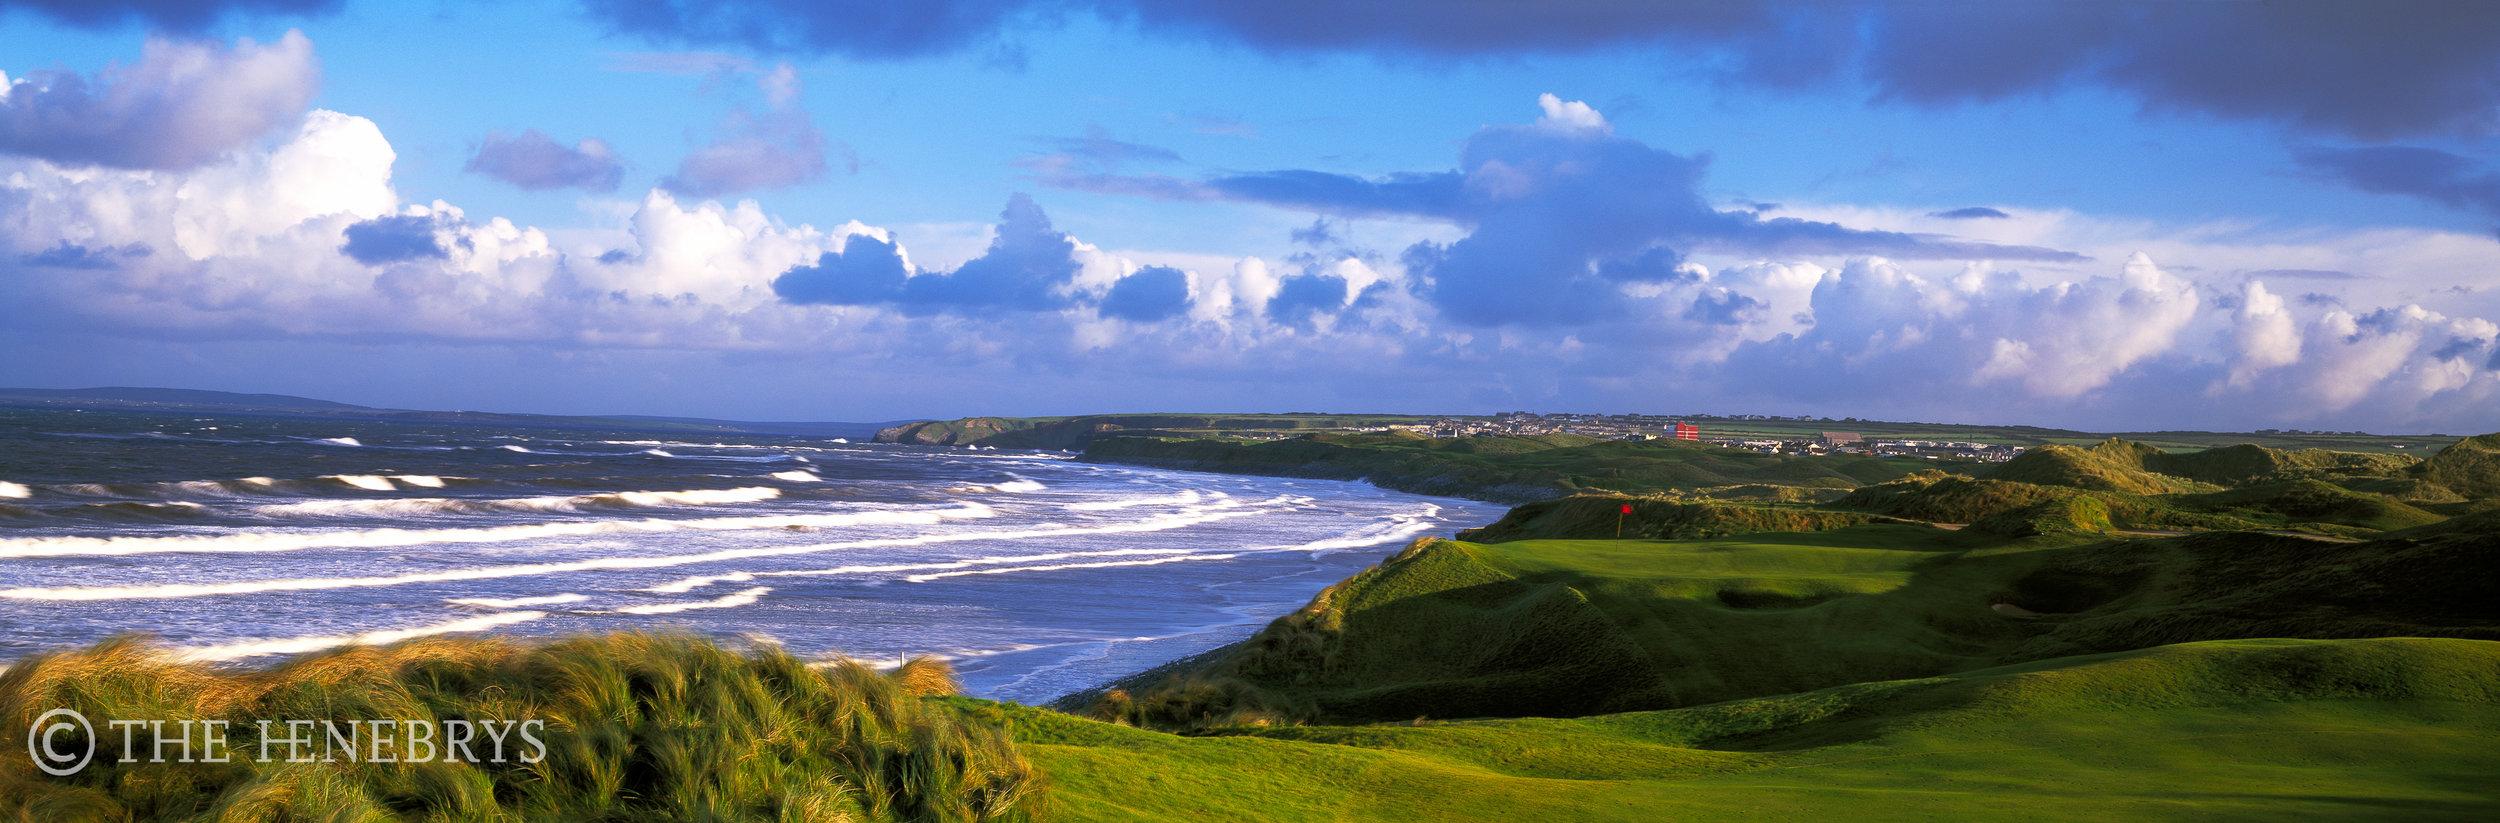 17th Cashen Course, Ballybunion Golf Club, Co. Kerry,  Ireland